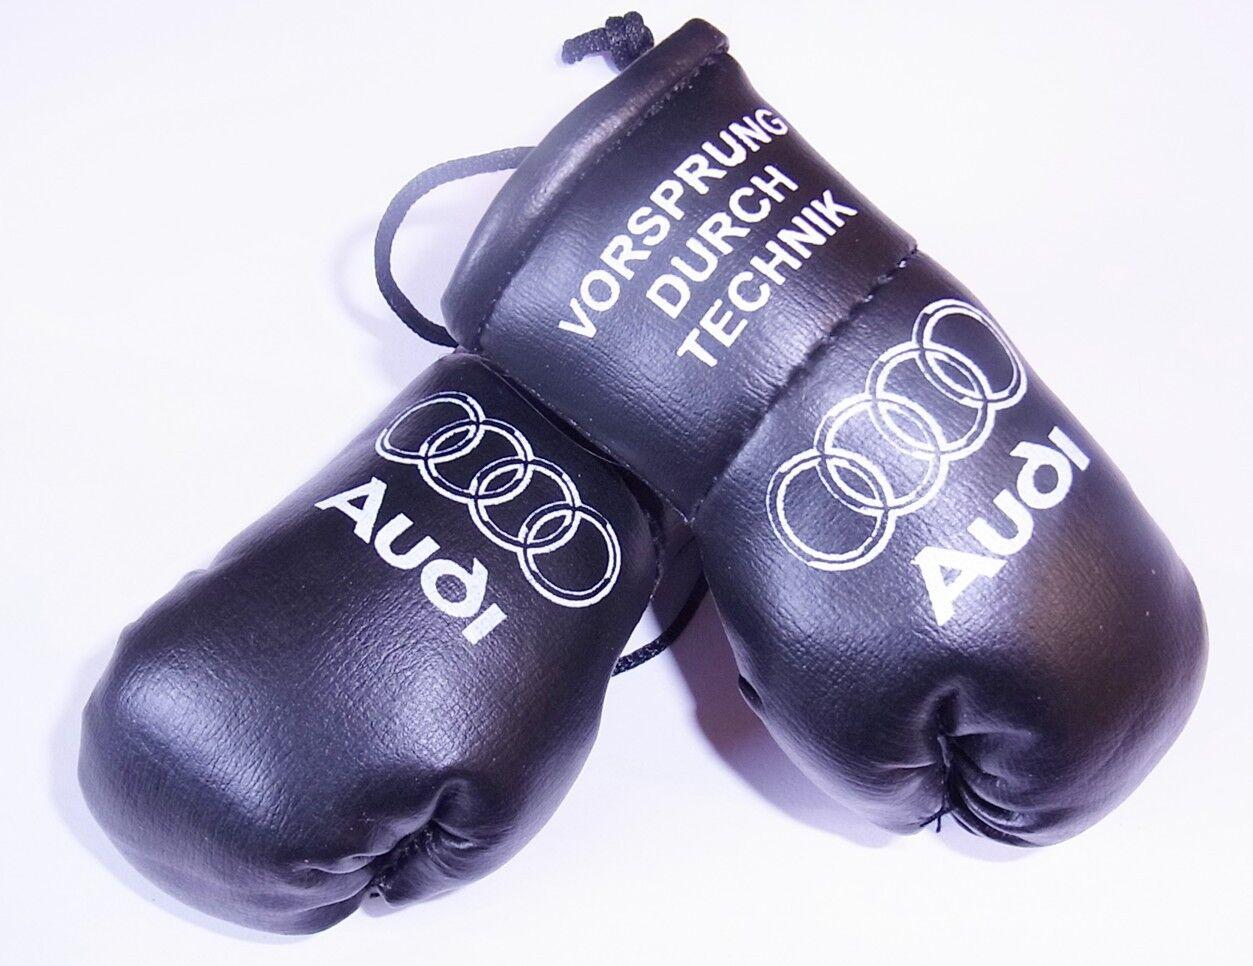 AUDI Mini Gants de boxe boxe boxe noir Vorsprung Durk TECKNIC 6c1fcf